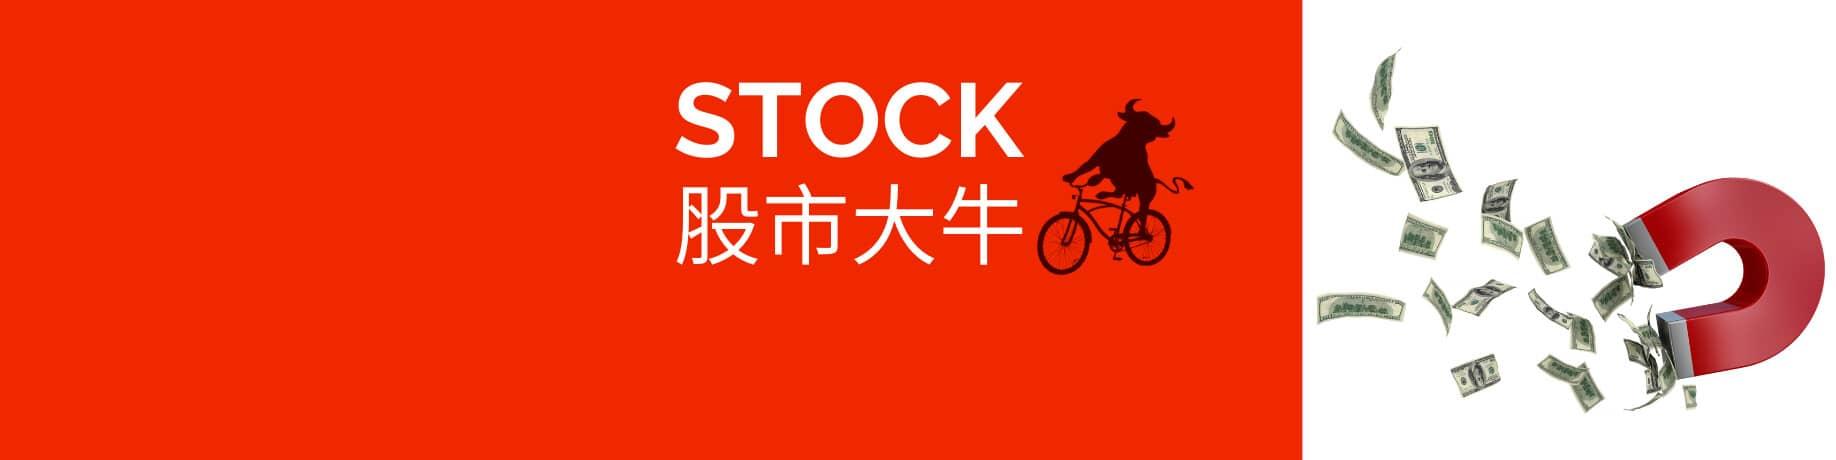 股市大牛|你的投資牛棚